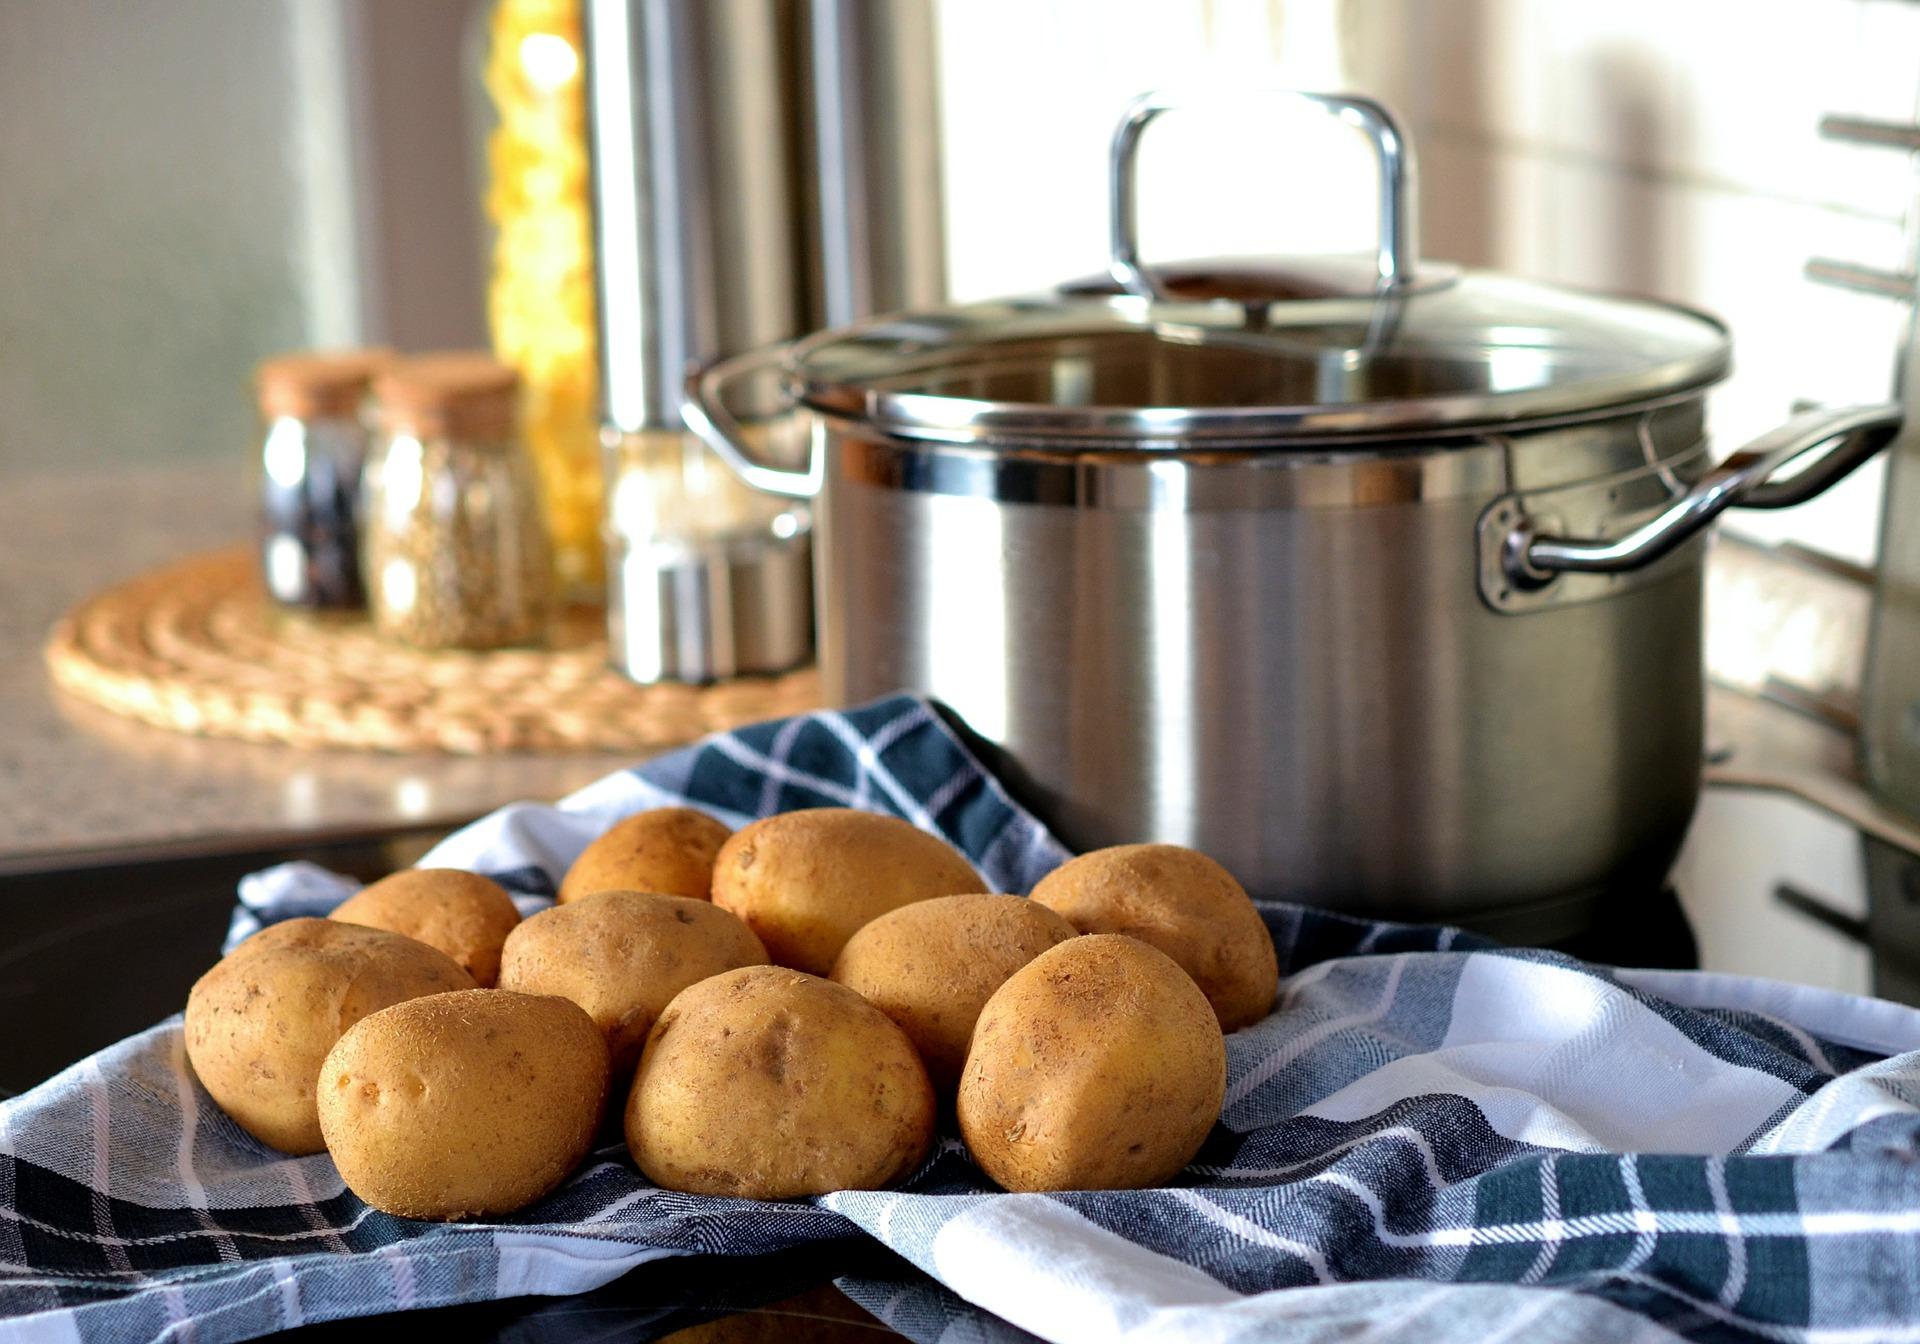 السعرات الحرارية في البطاطس المسلوقة.jpg